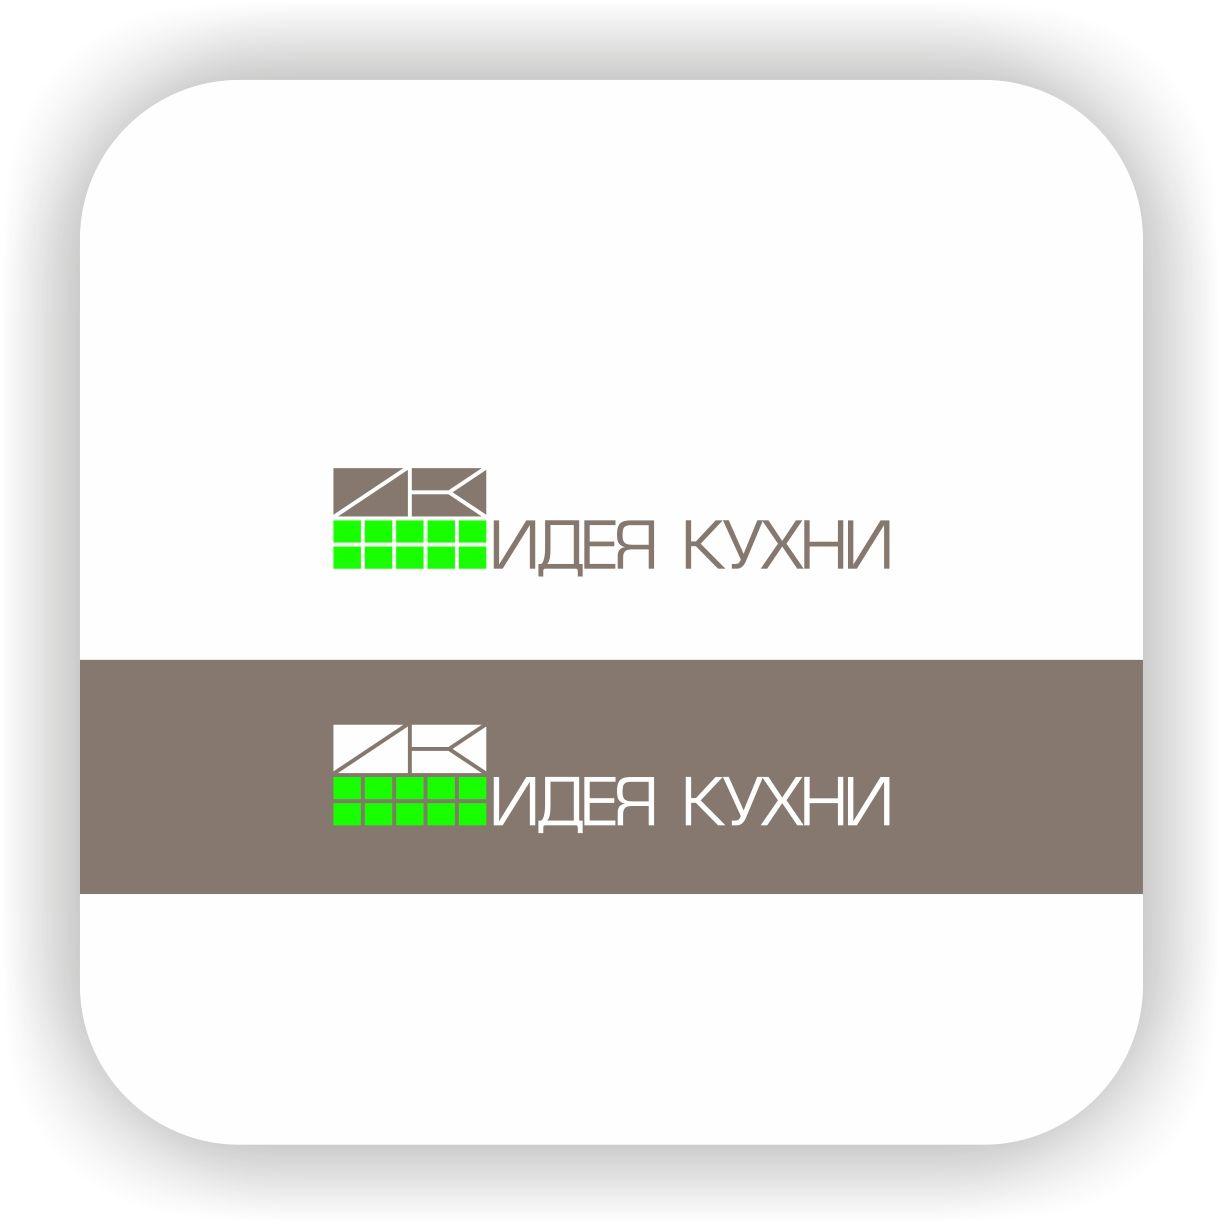 Логотип для Идея кухни - дизайнер Nikus